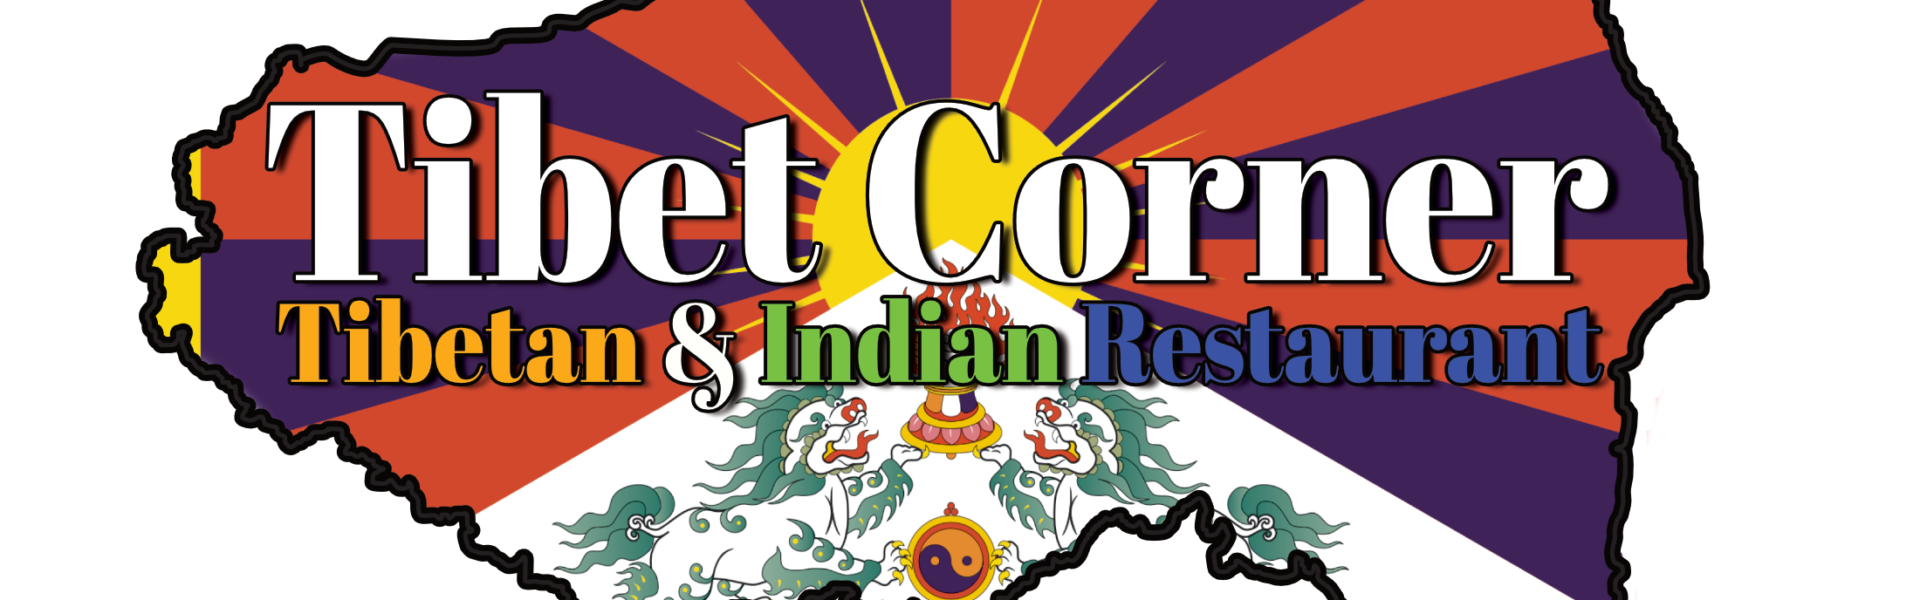 Tibet Corner